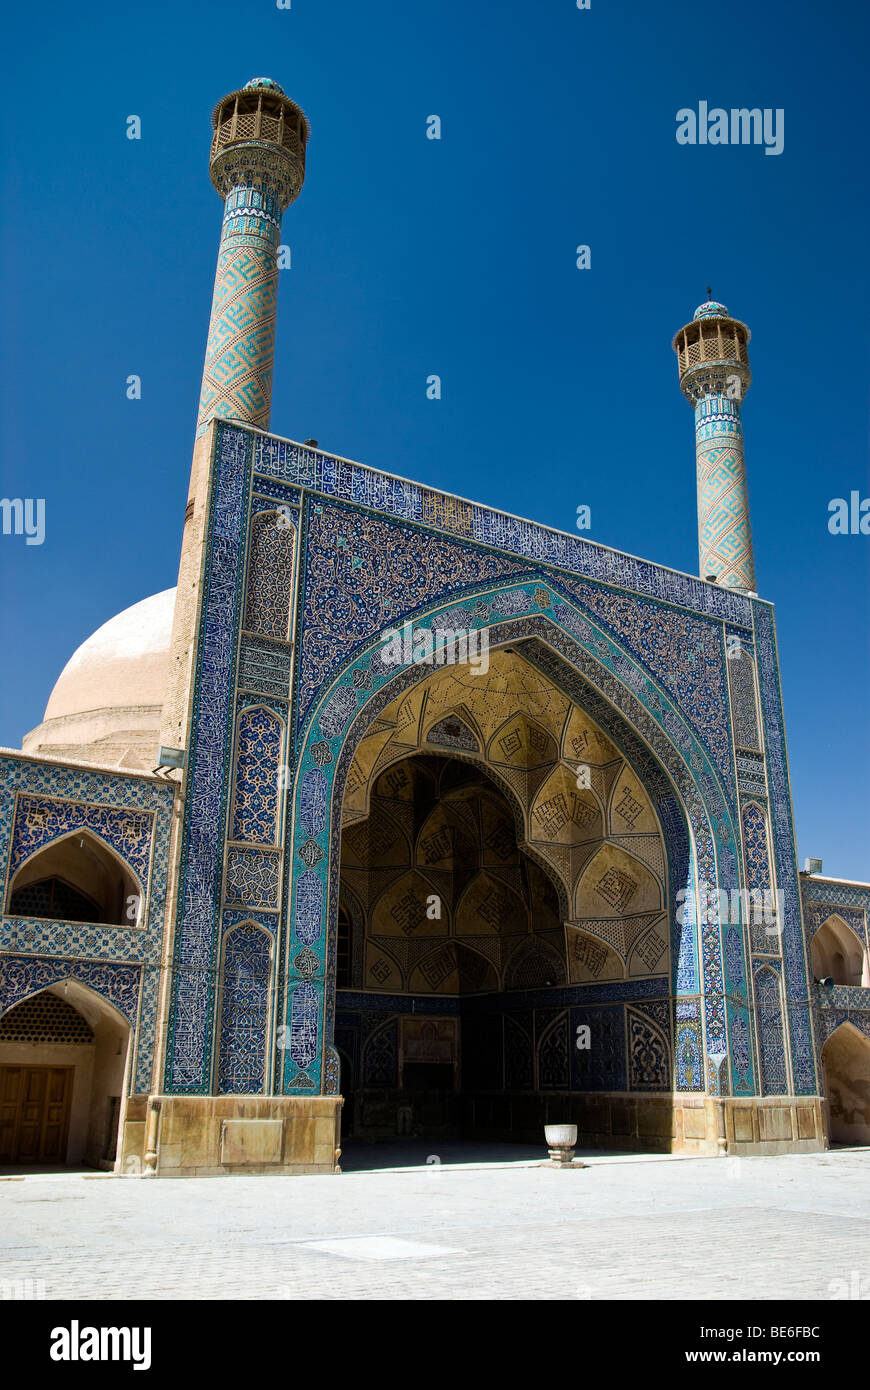 La entrada principal de la Mezquita (Jameh iwan), Isfahán, Irán Imagen De Stock